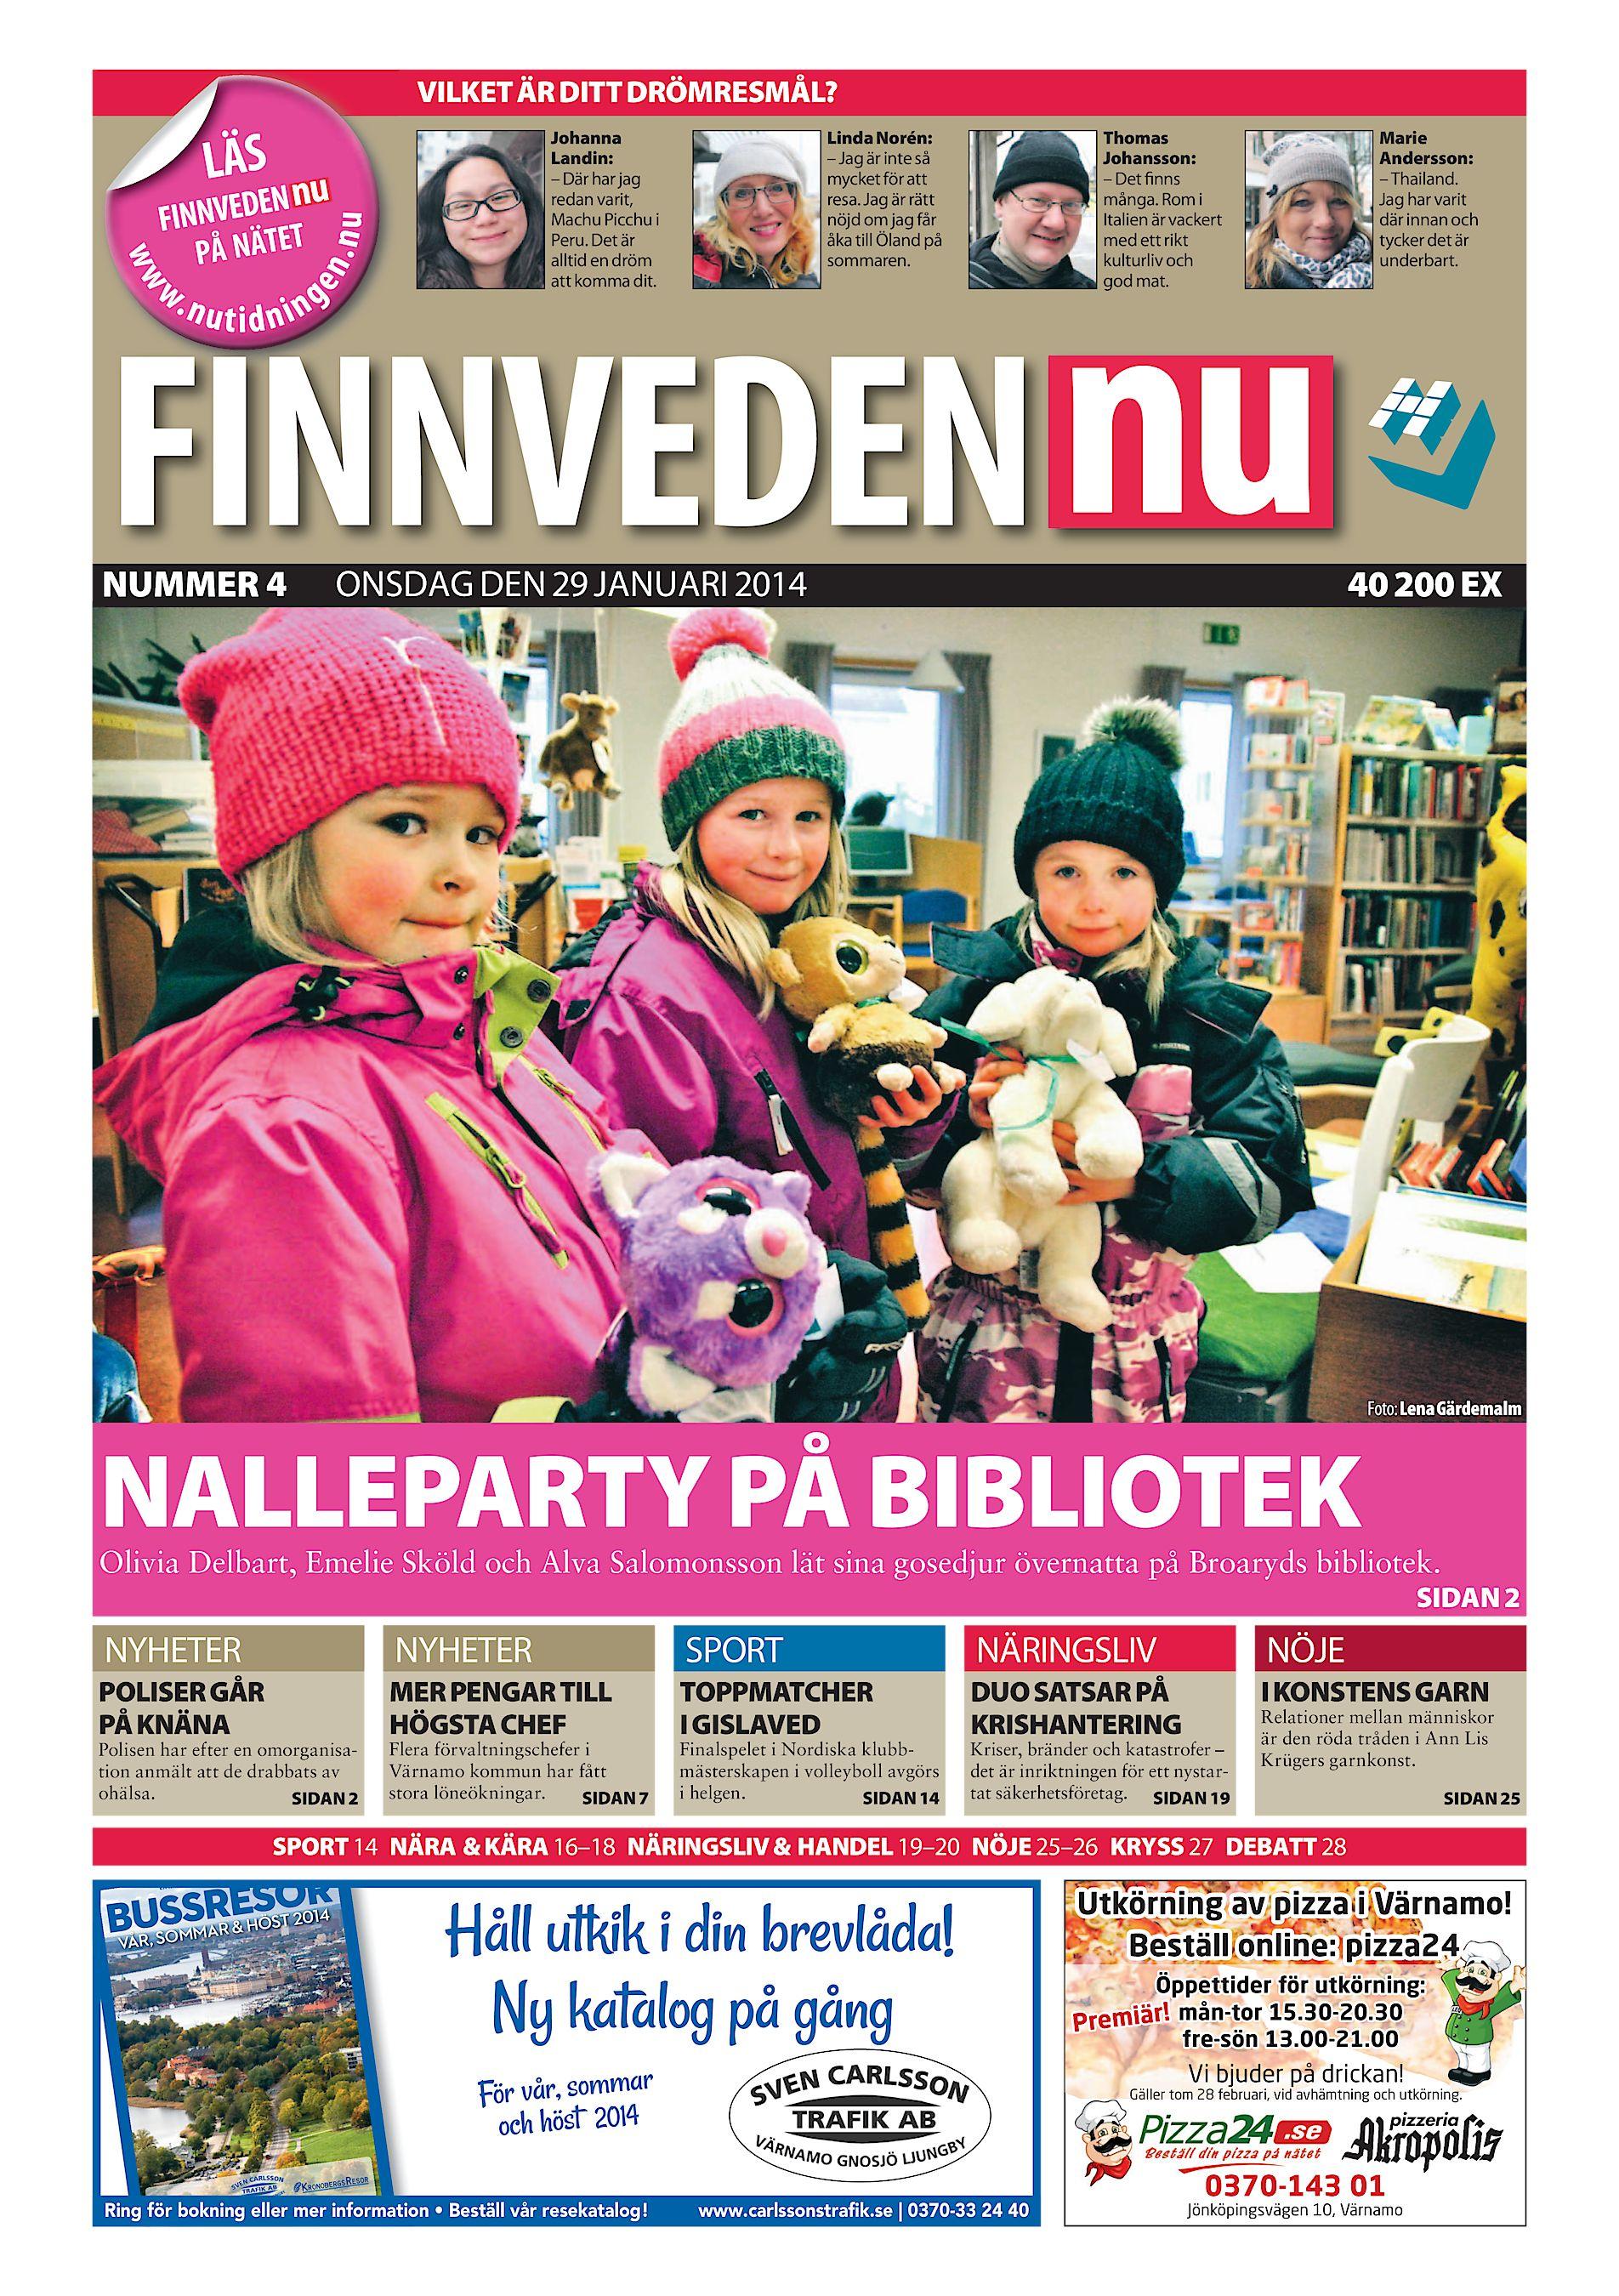 Finnveden.nu FNU 2014 01 29 (endast text)